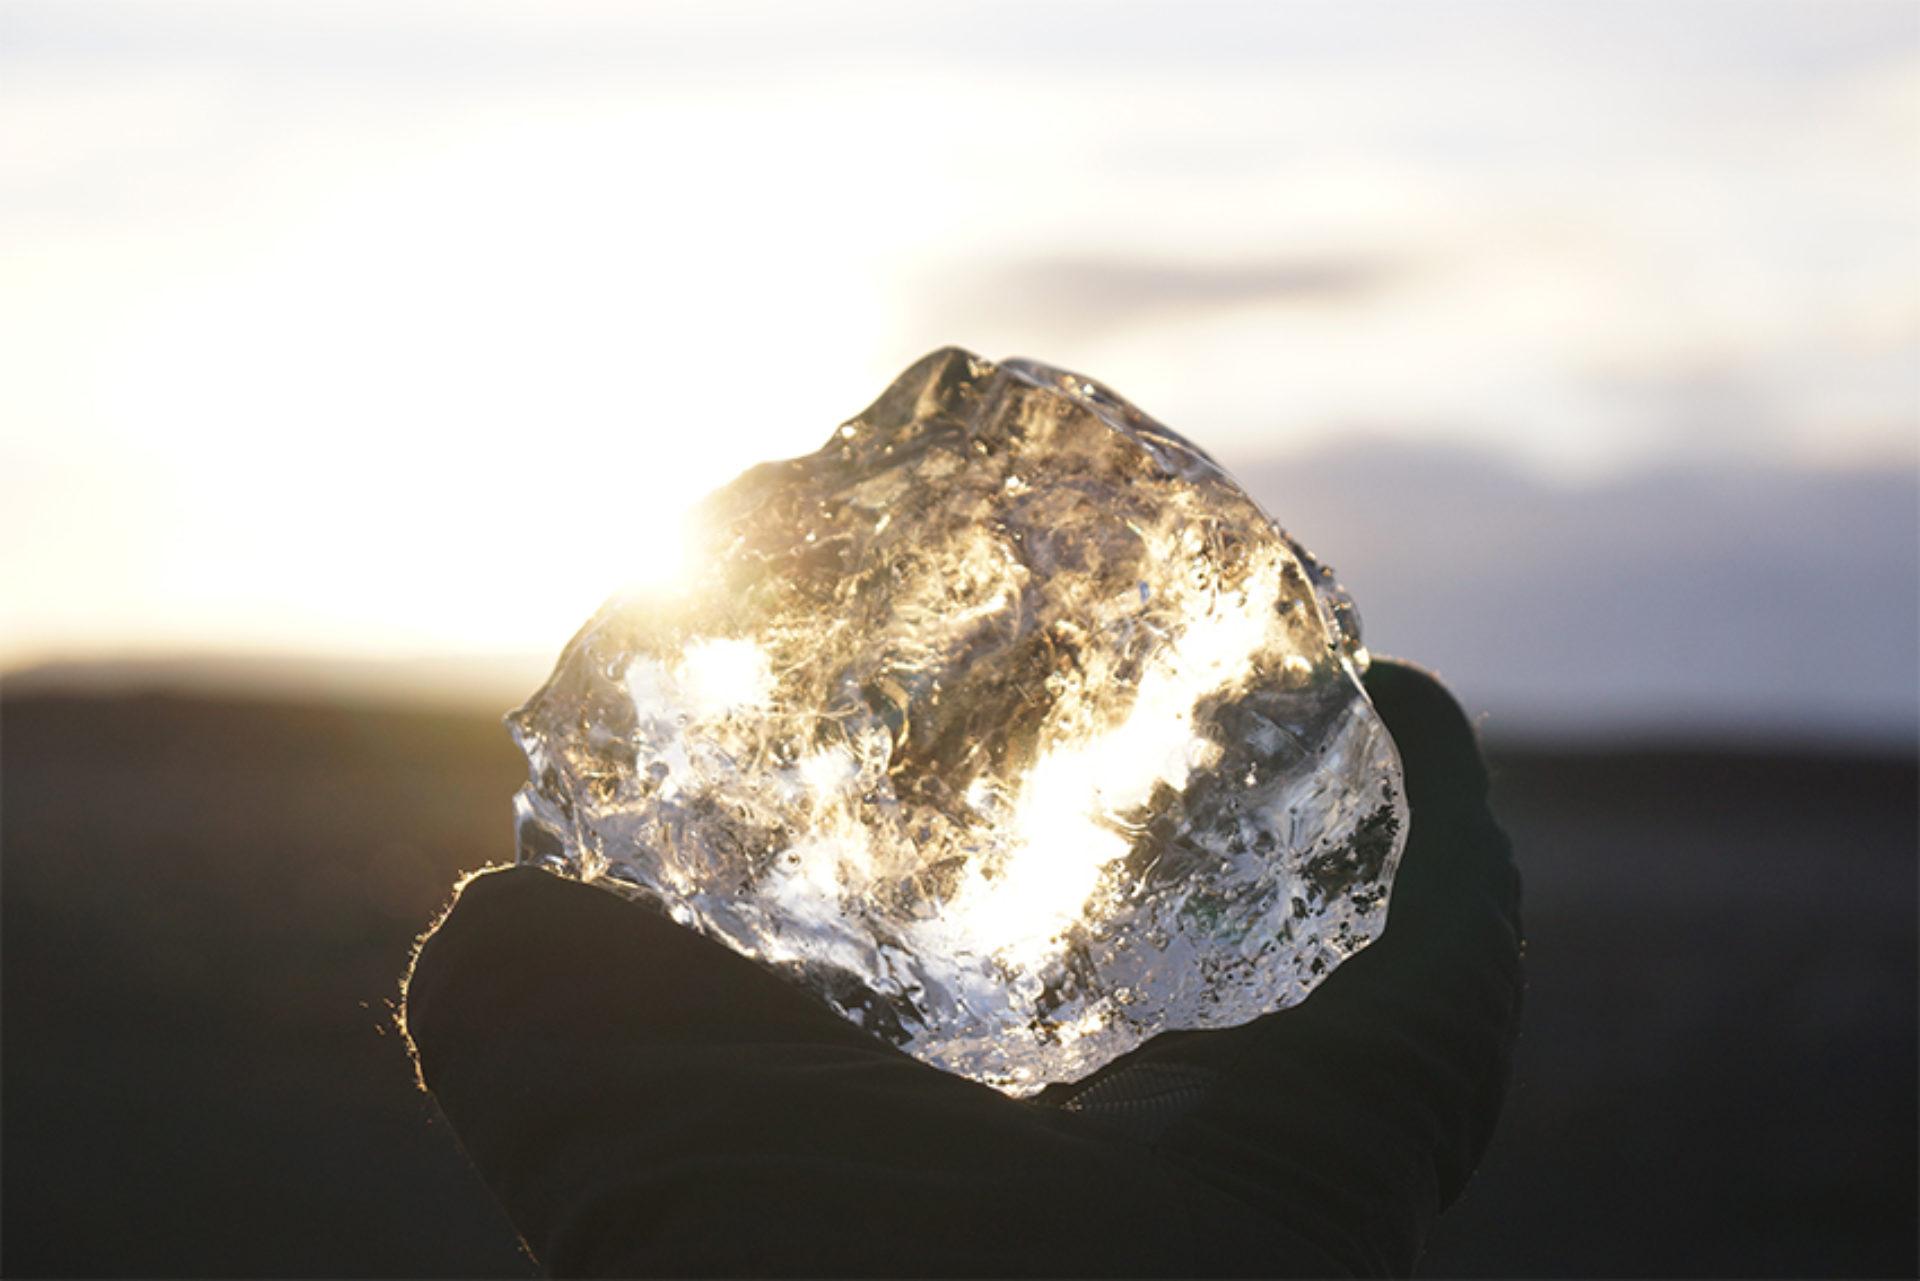 Kristalgrids: helende krachten in het kwadraat